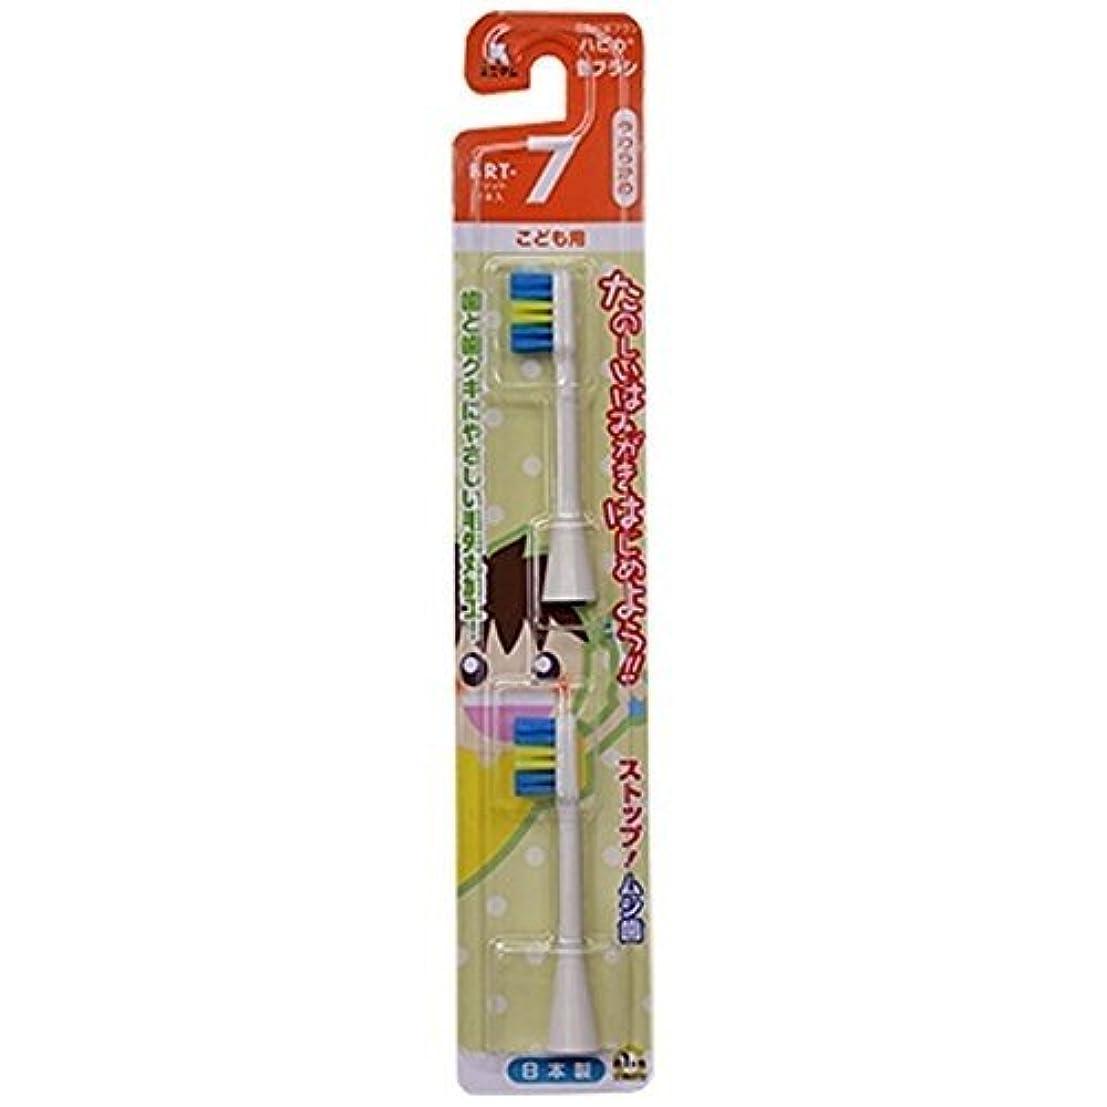 ヘロイン独創的葉ミニマム 電動付歯ブラシ ハピカ 専用替ブラシ こども用 毛の硬さ:やわらかめ BRT-7 2個入